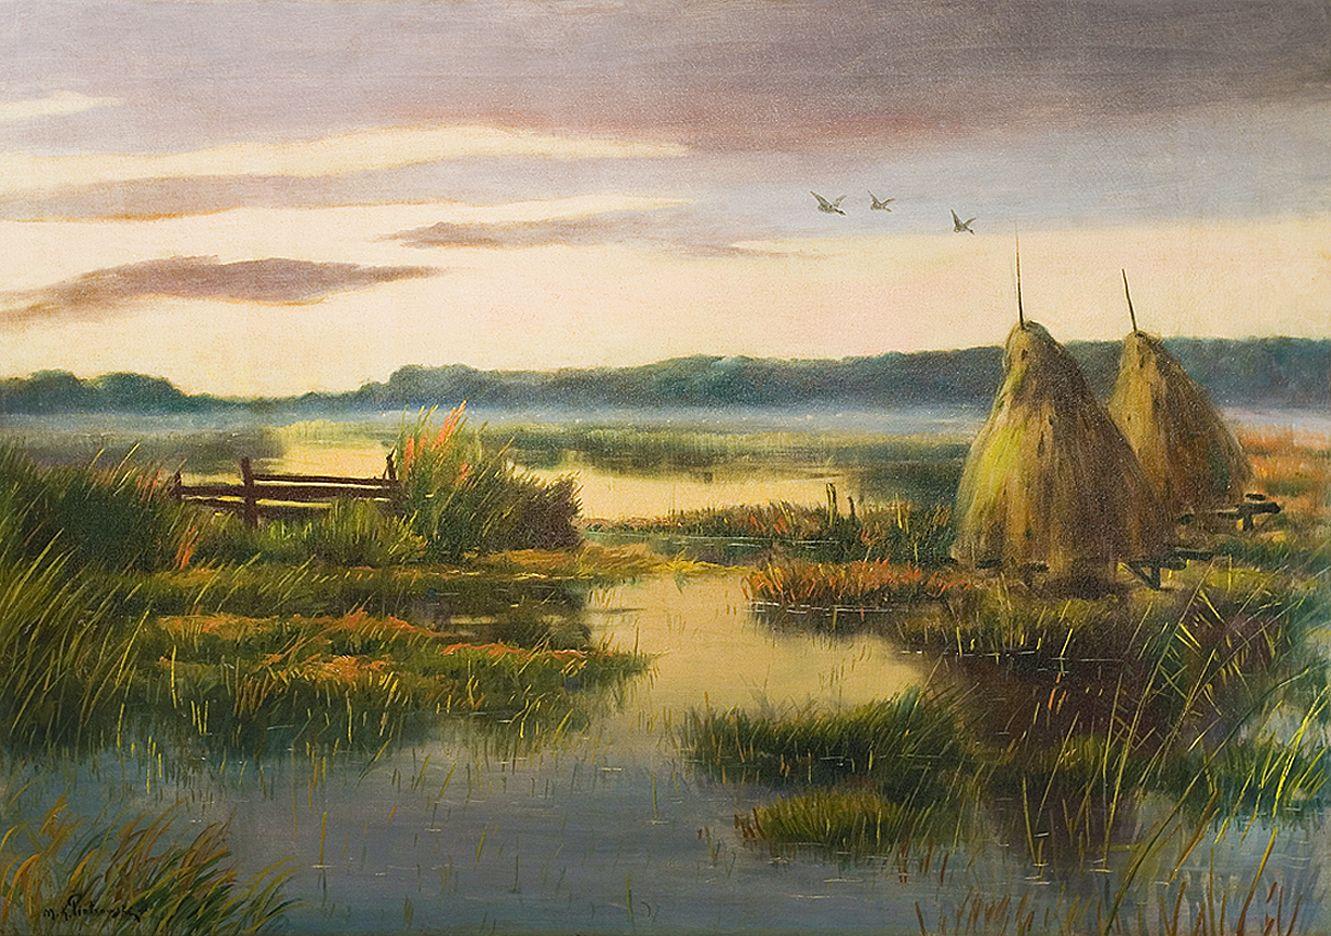 Мечислав Корвін Пьотровський. Копиці на болоті, 1930